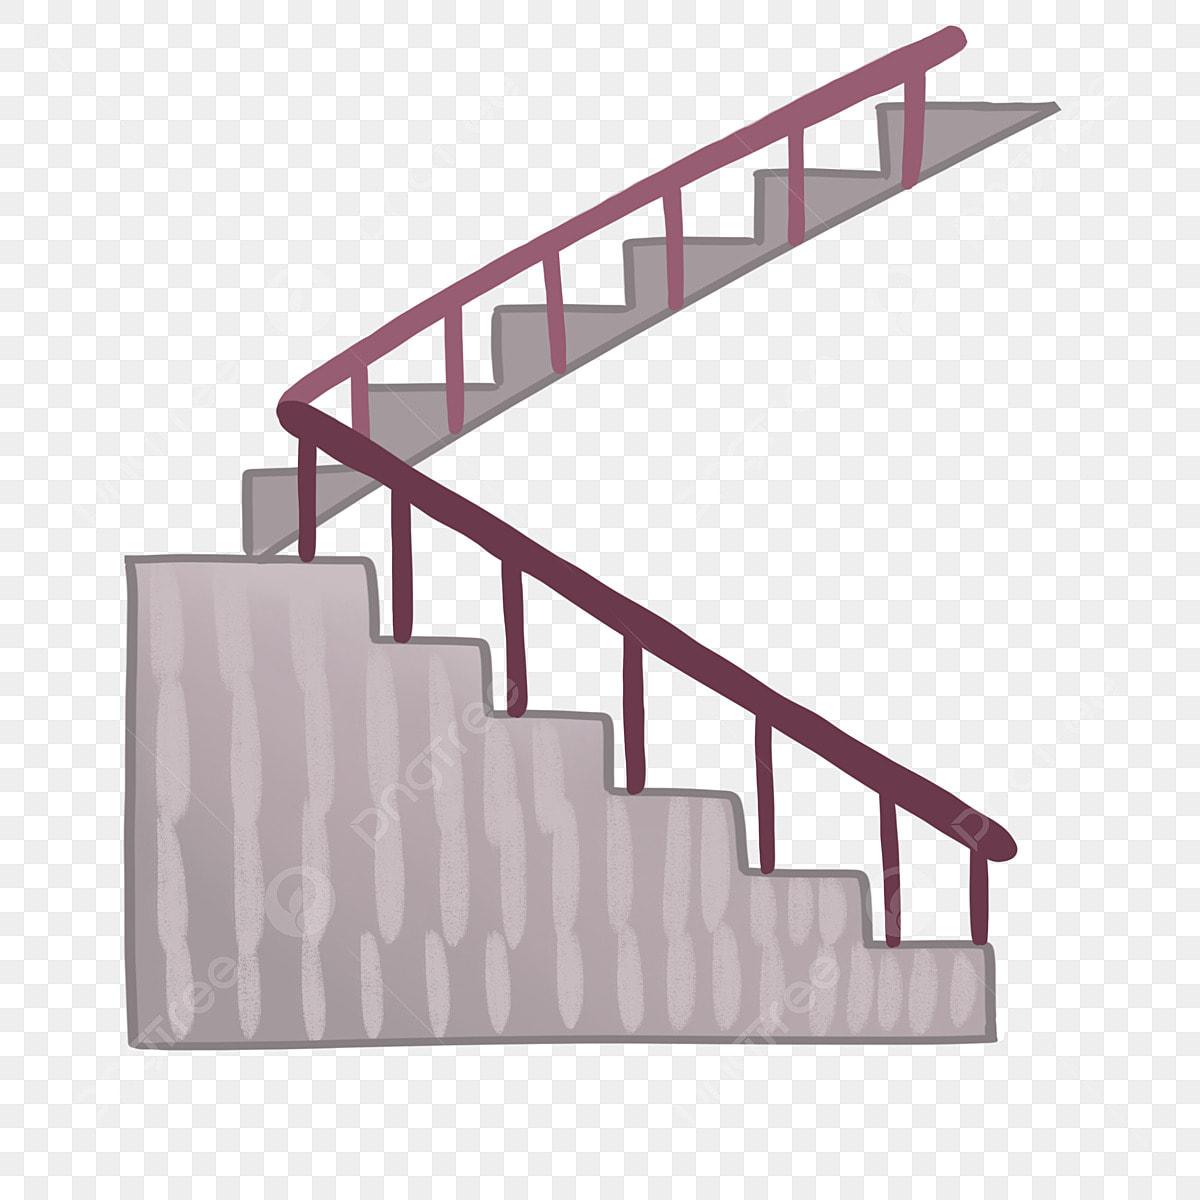 Escalera Escaleras Arriba Y Abajo Escaleras Escaleras De Construcción Ilustración De Escalera De Esquina Escaleras Ilustración De Escaleras De Construcción Ilustración De Escalera De Esquina Png Y Psd Para Descargar Gratis